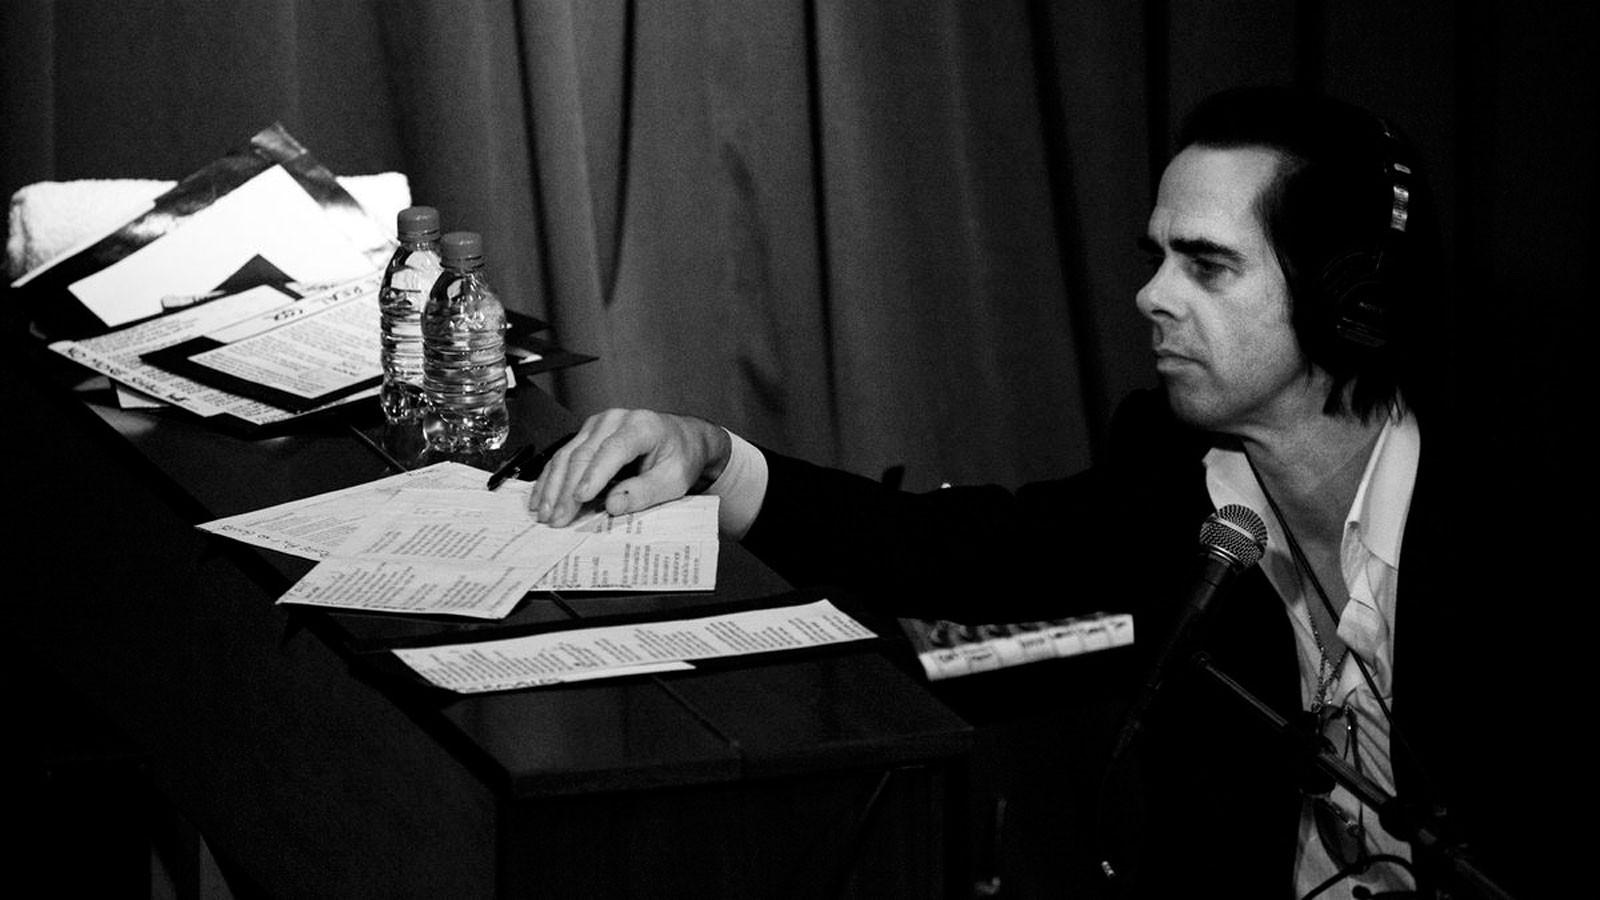 El Cineclub Almería abre el jueves la temporada de otoño con 'One More Time Feeling', centrada en la figura del músico Nick Cave